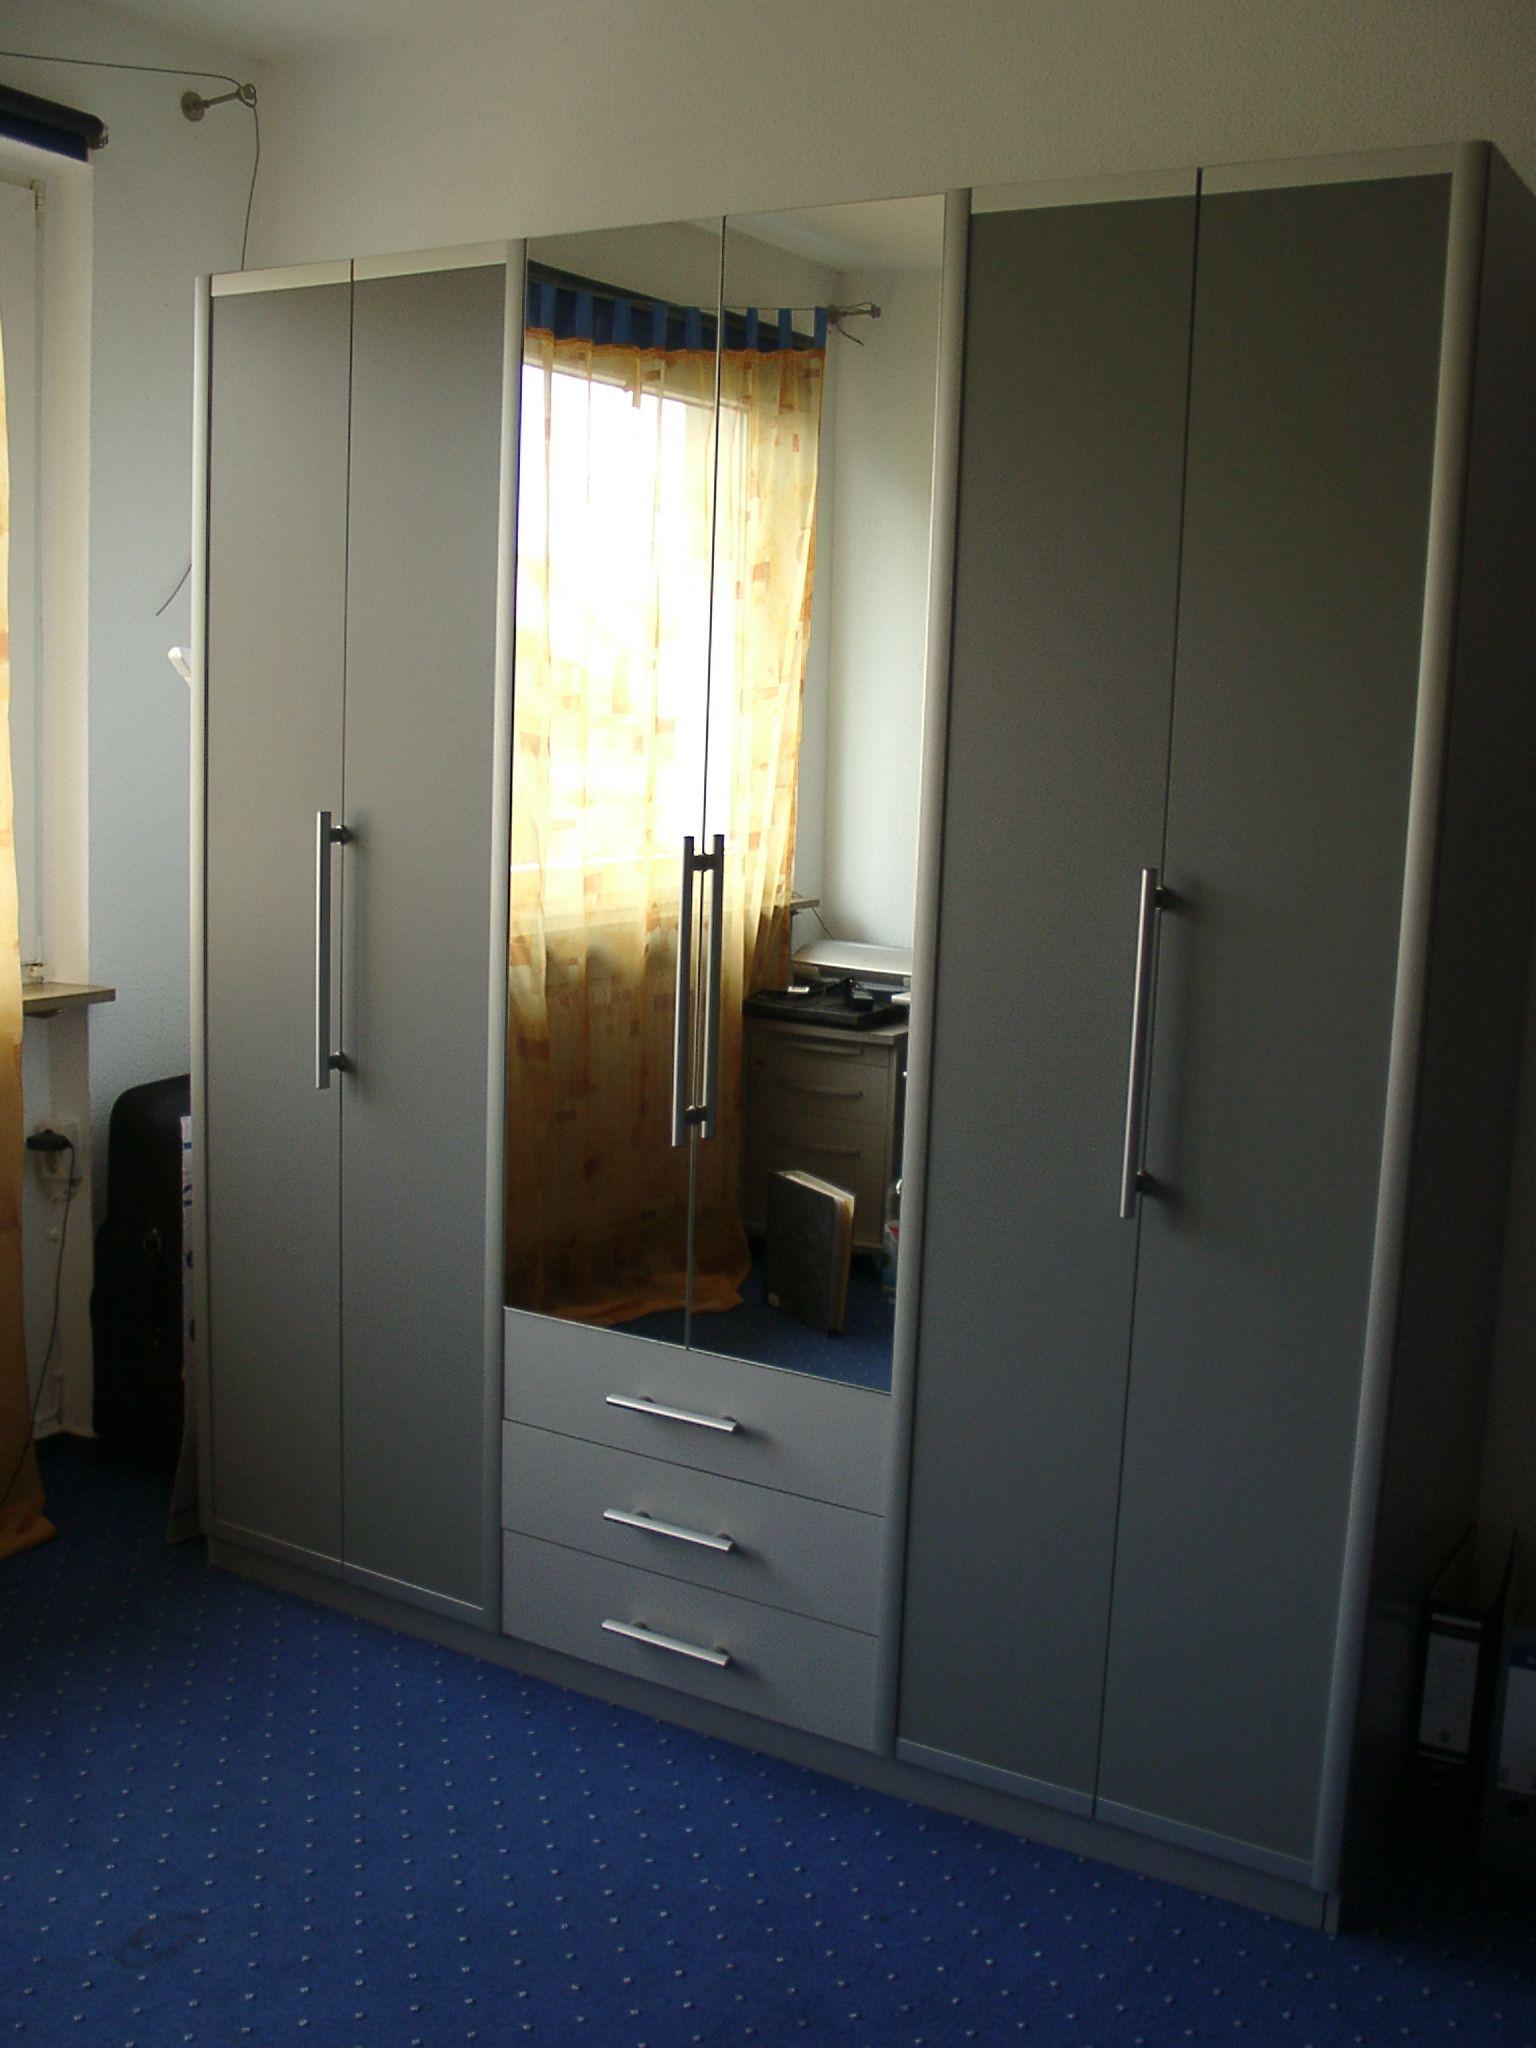 Kleinanzeigen Sonstige Schlafzimmermöbel - Seite 2